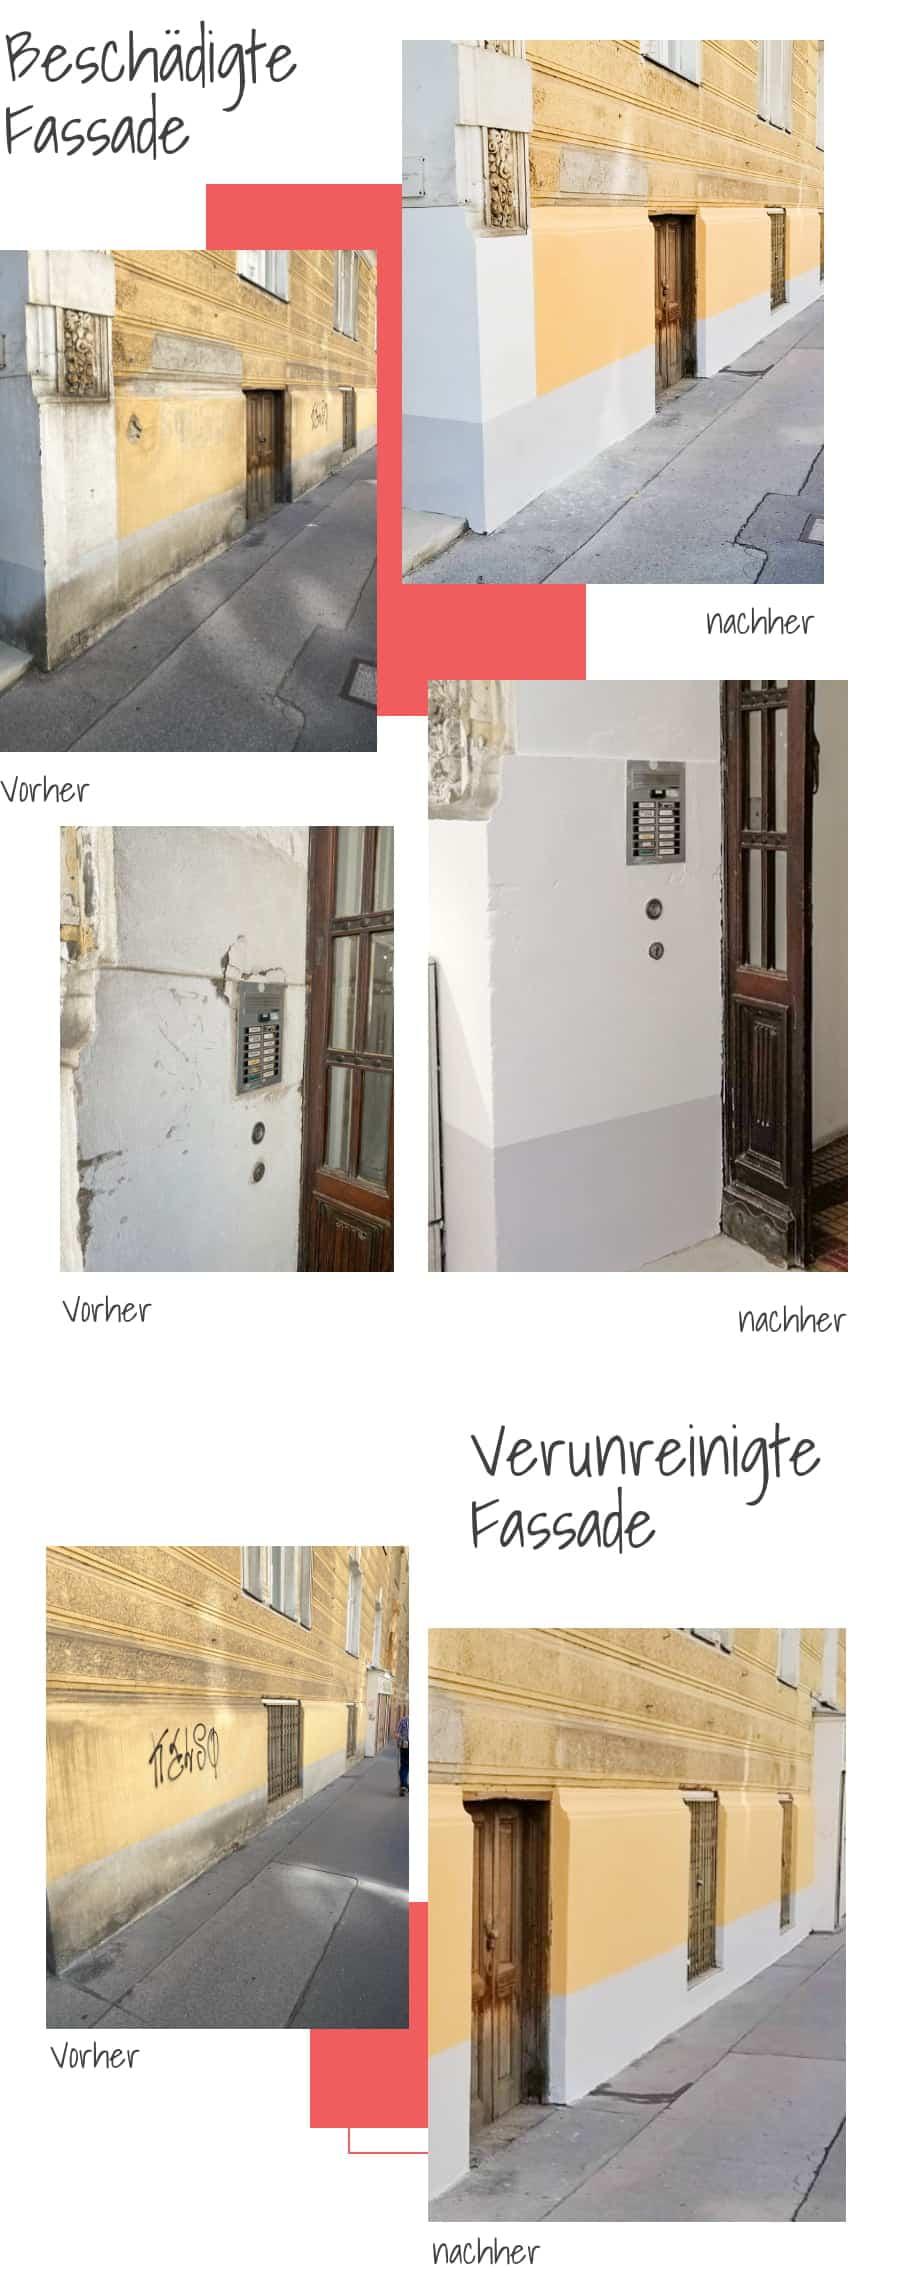 Fassadensanierung-Wien-Collage-912x2280px